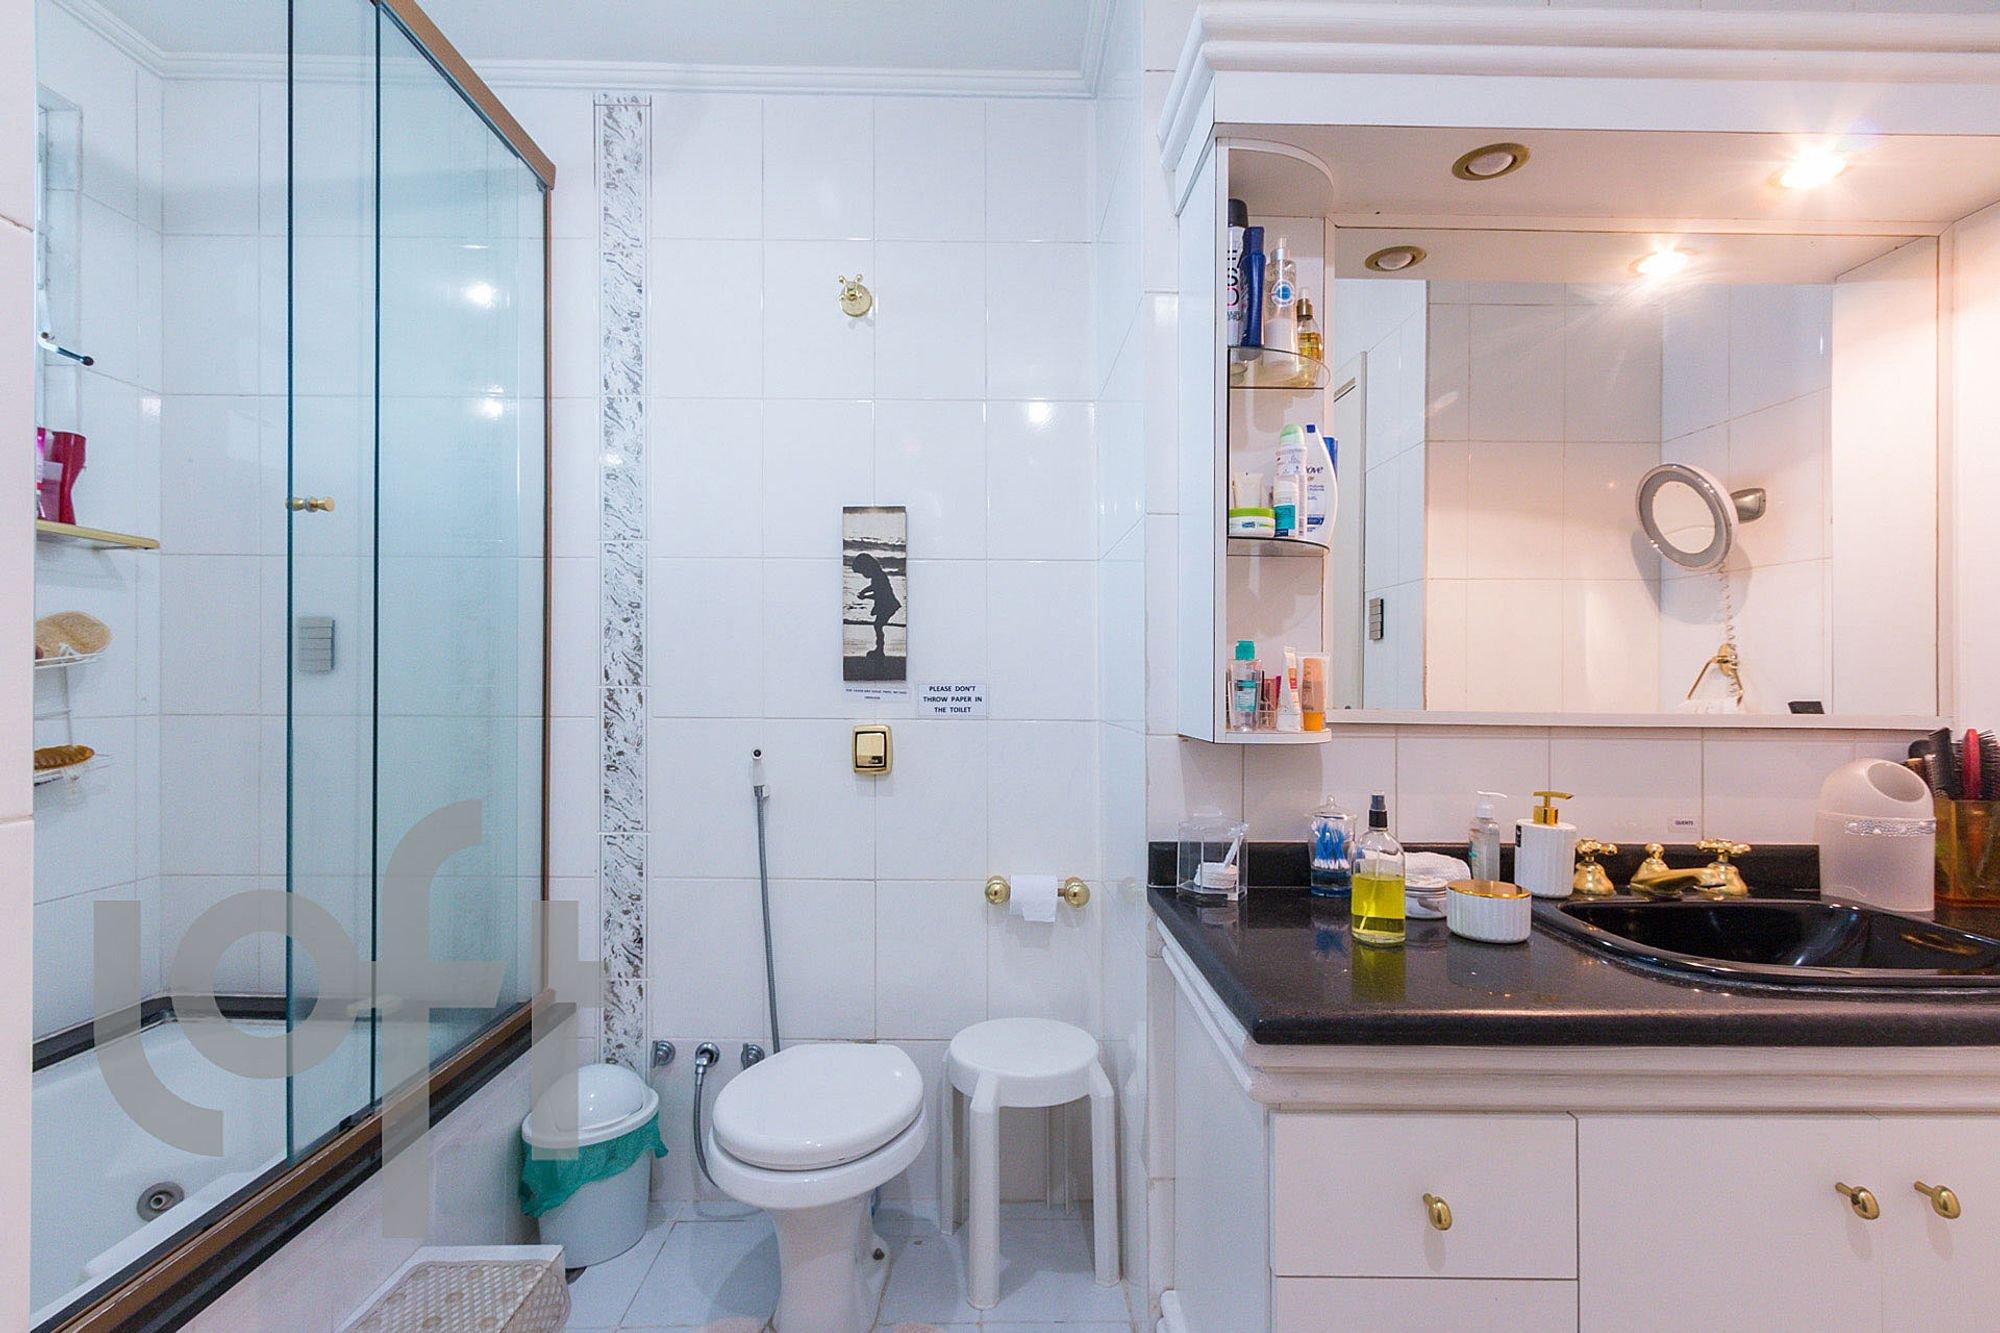 Foto de Banheiro com faca, vaso sanitário, garrafa, pia